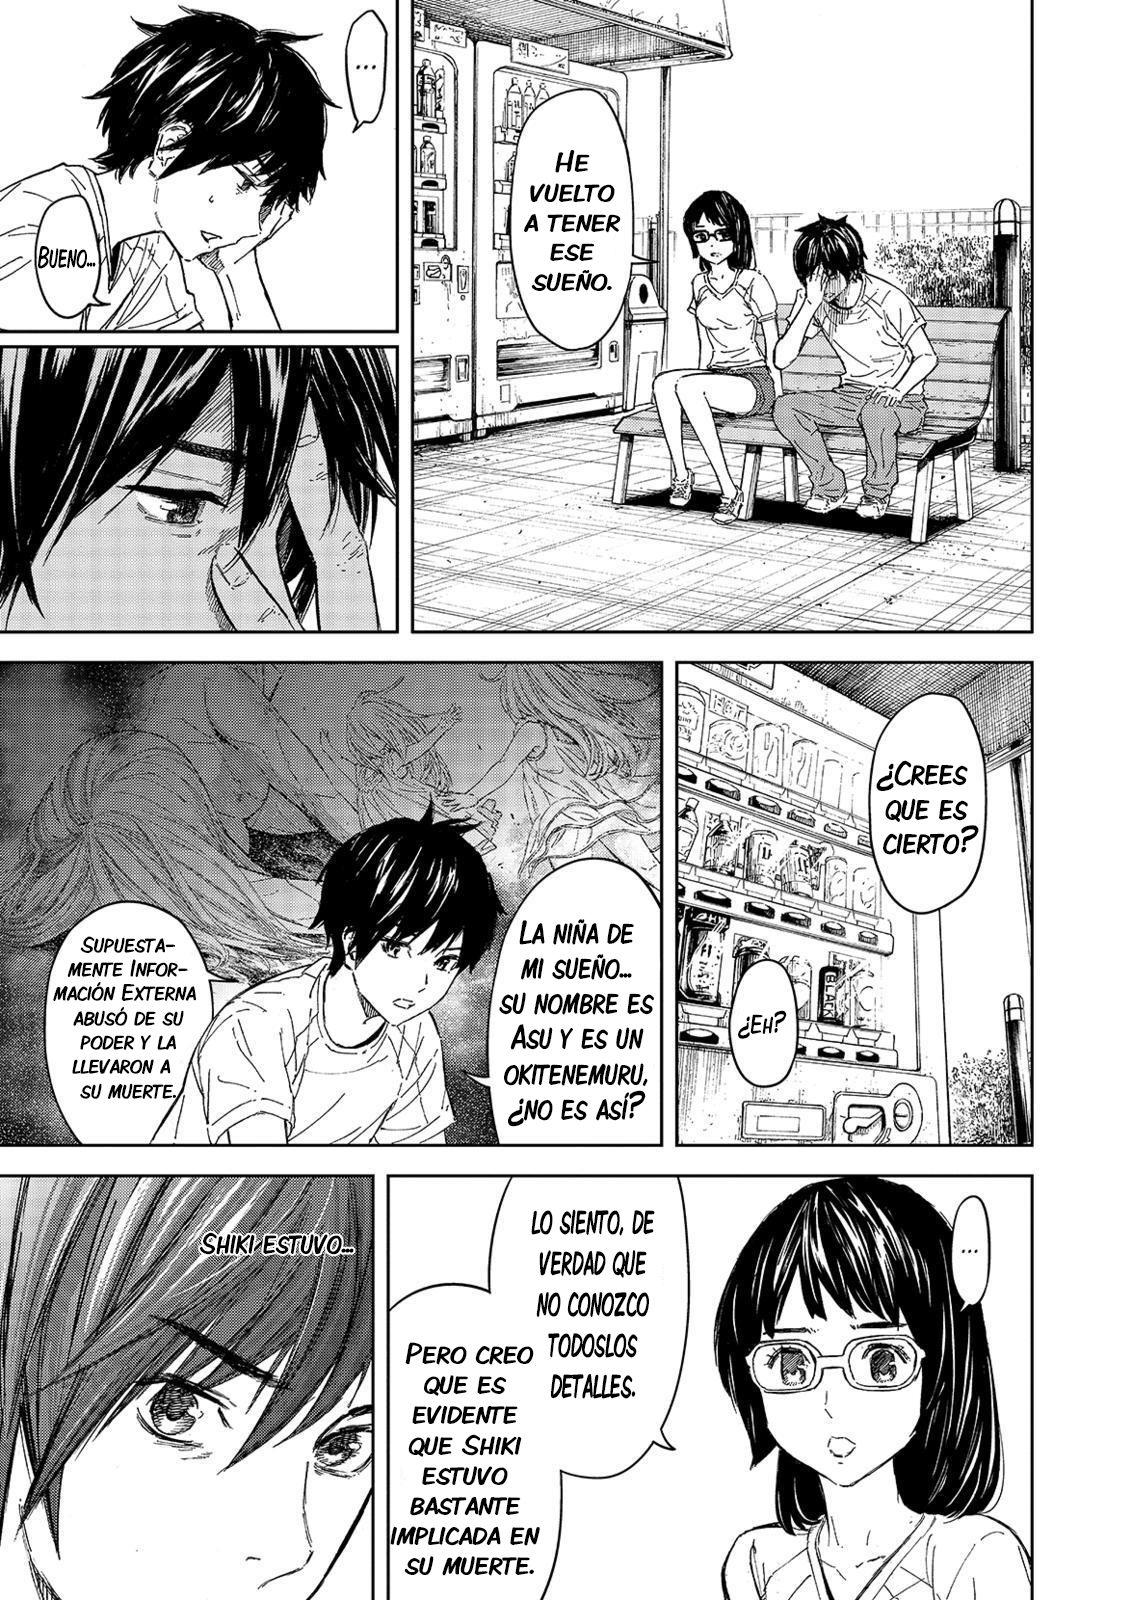 http://c5.ninemanga.com/es_manga/54/16310/456842/4ef2f8259495563cb3a8ea4449ec4f9f.jpg Page 6